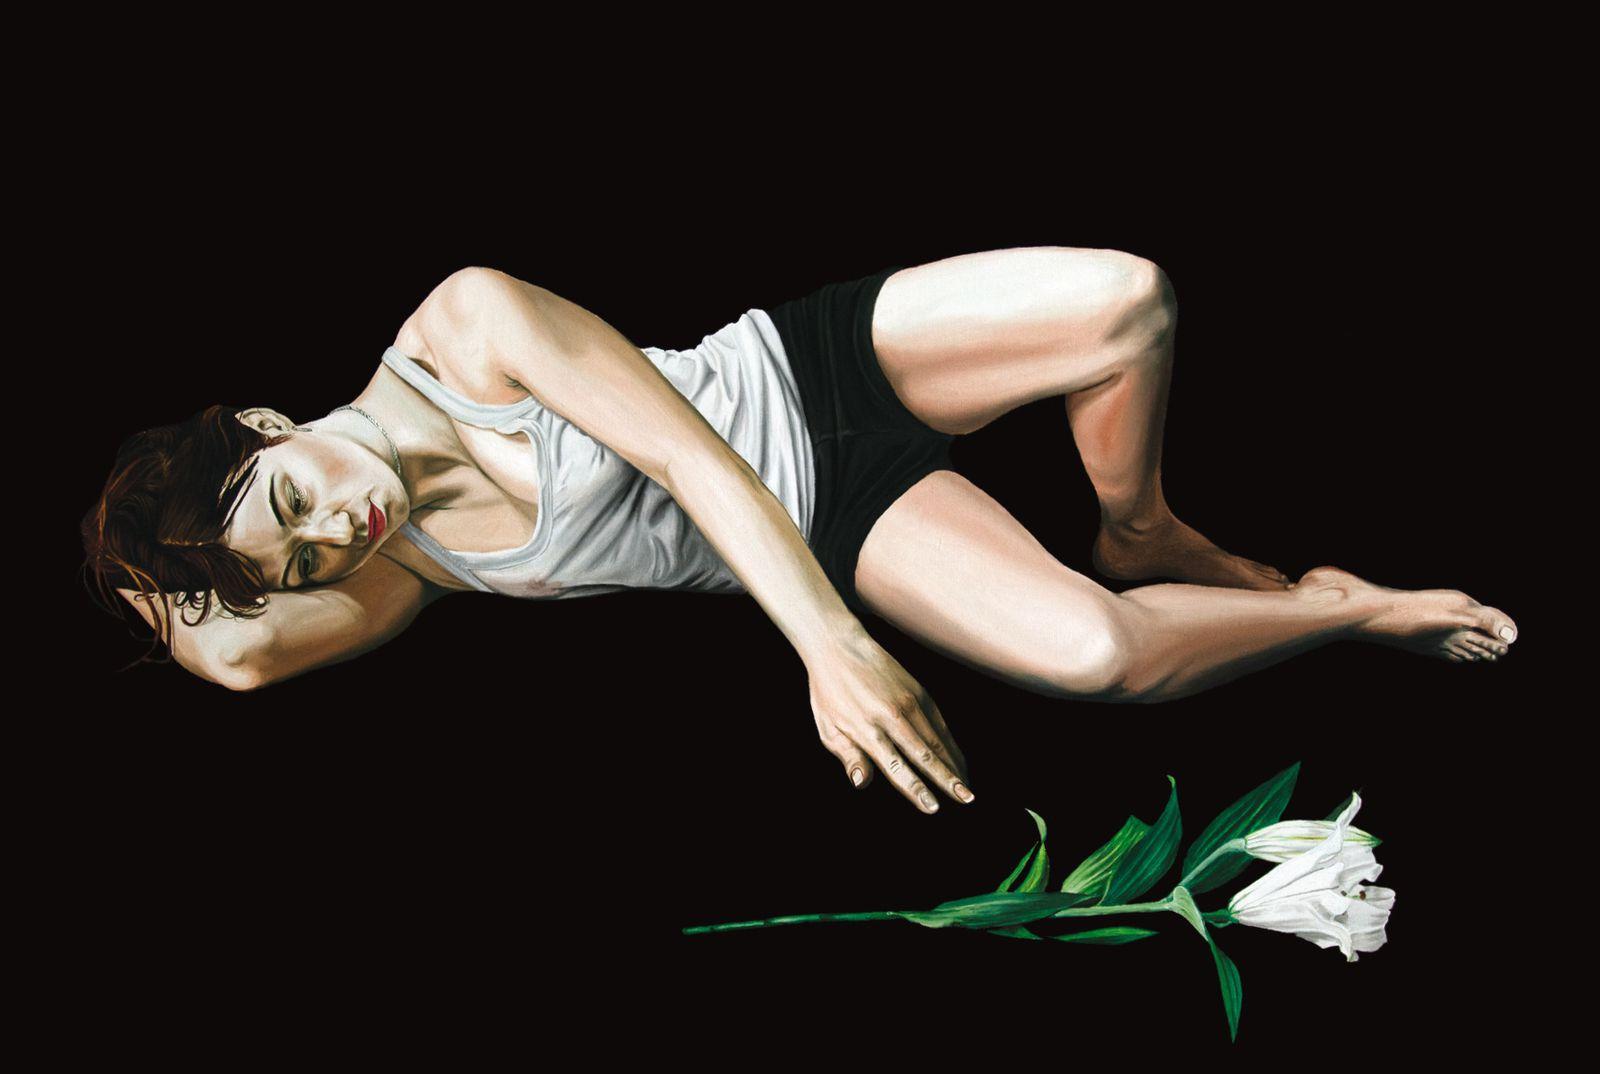 © Nicolas Maureau, Ophélie - série Mélancolie - Huile sur toile, 97 x 130 cm